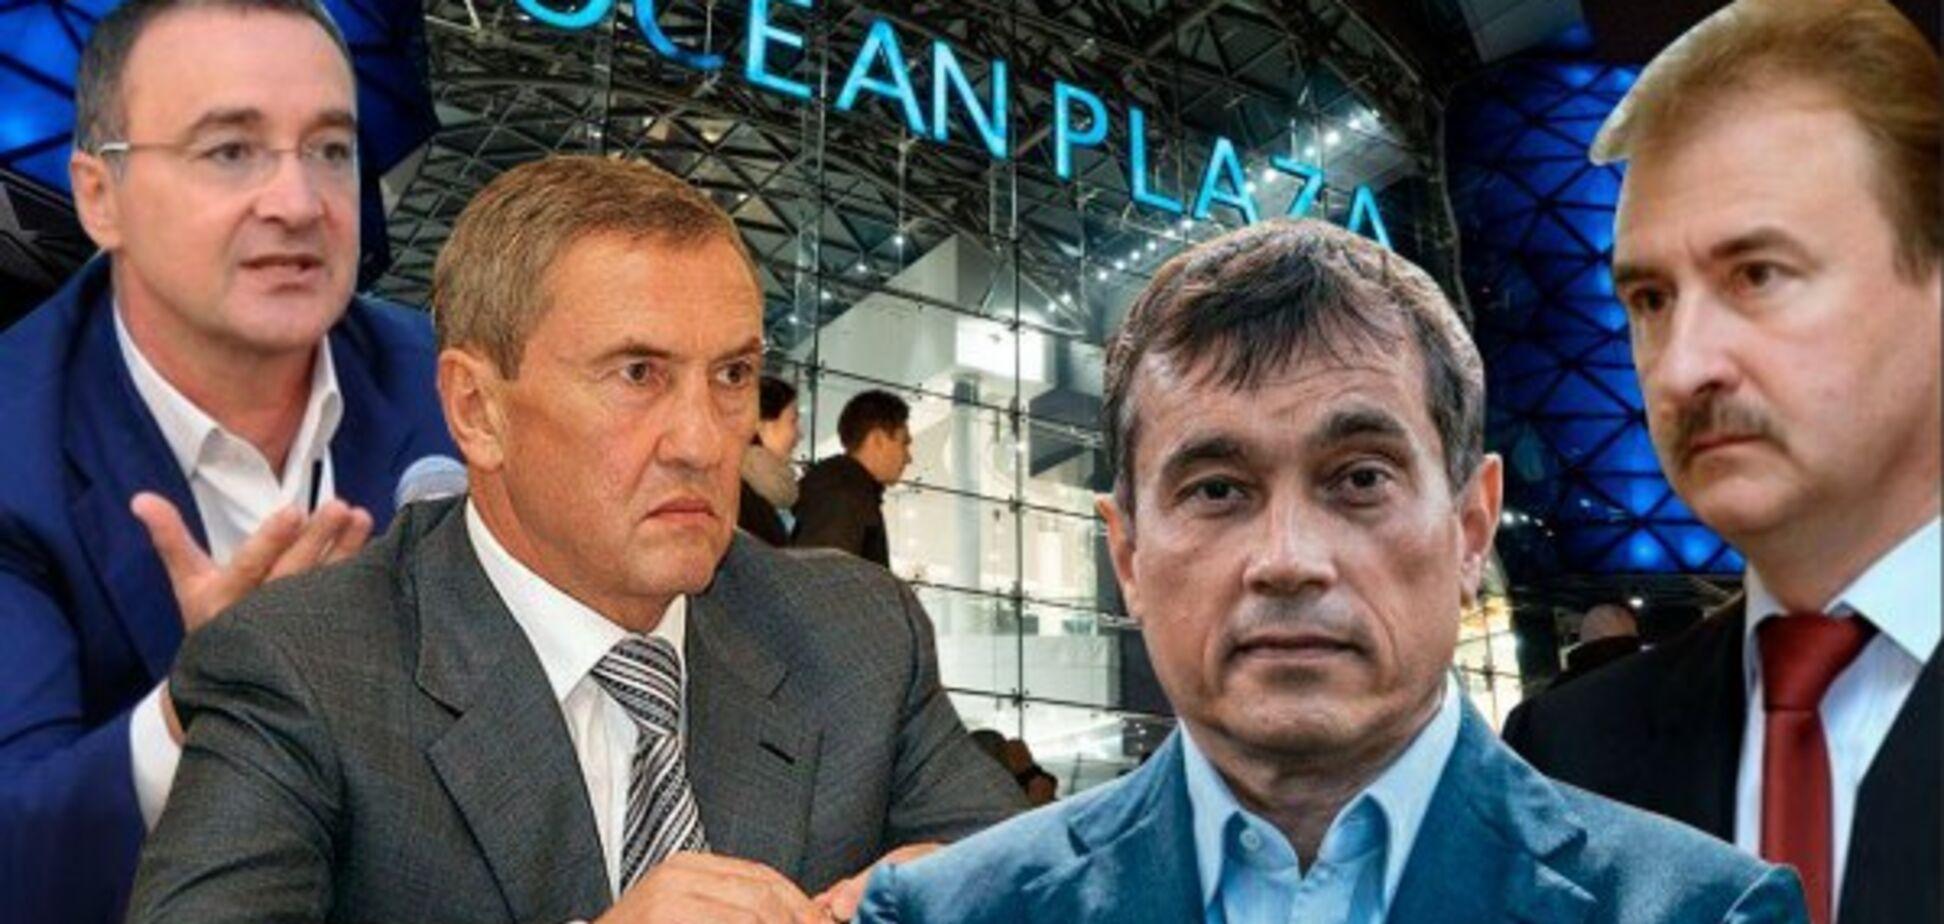 Кого покарають за ошпарених окропом у Ocean Plaza і до чого тут 'Л/ДНР': ексклюзив OBOZREVATEL